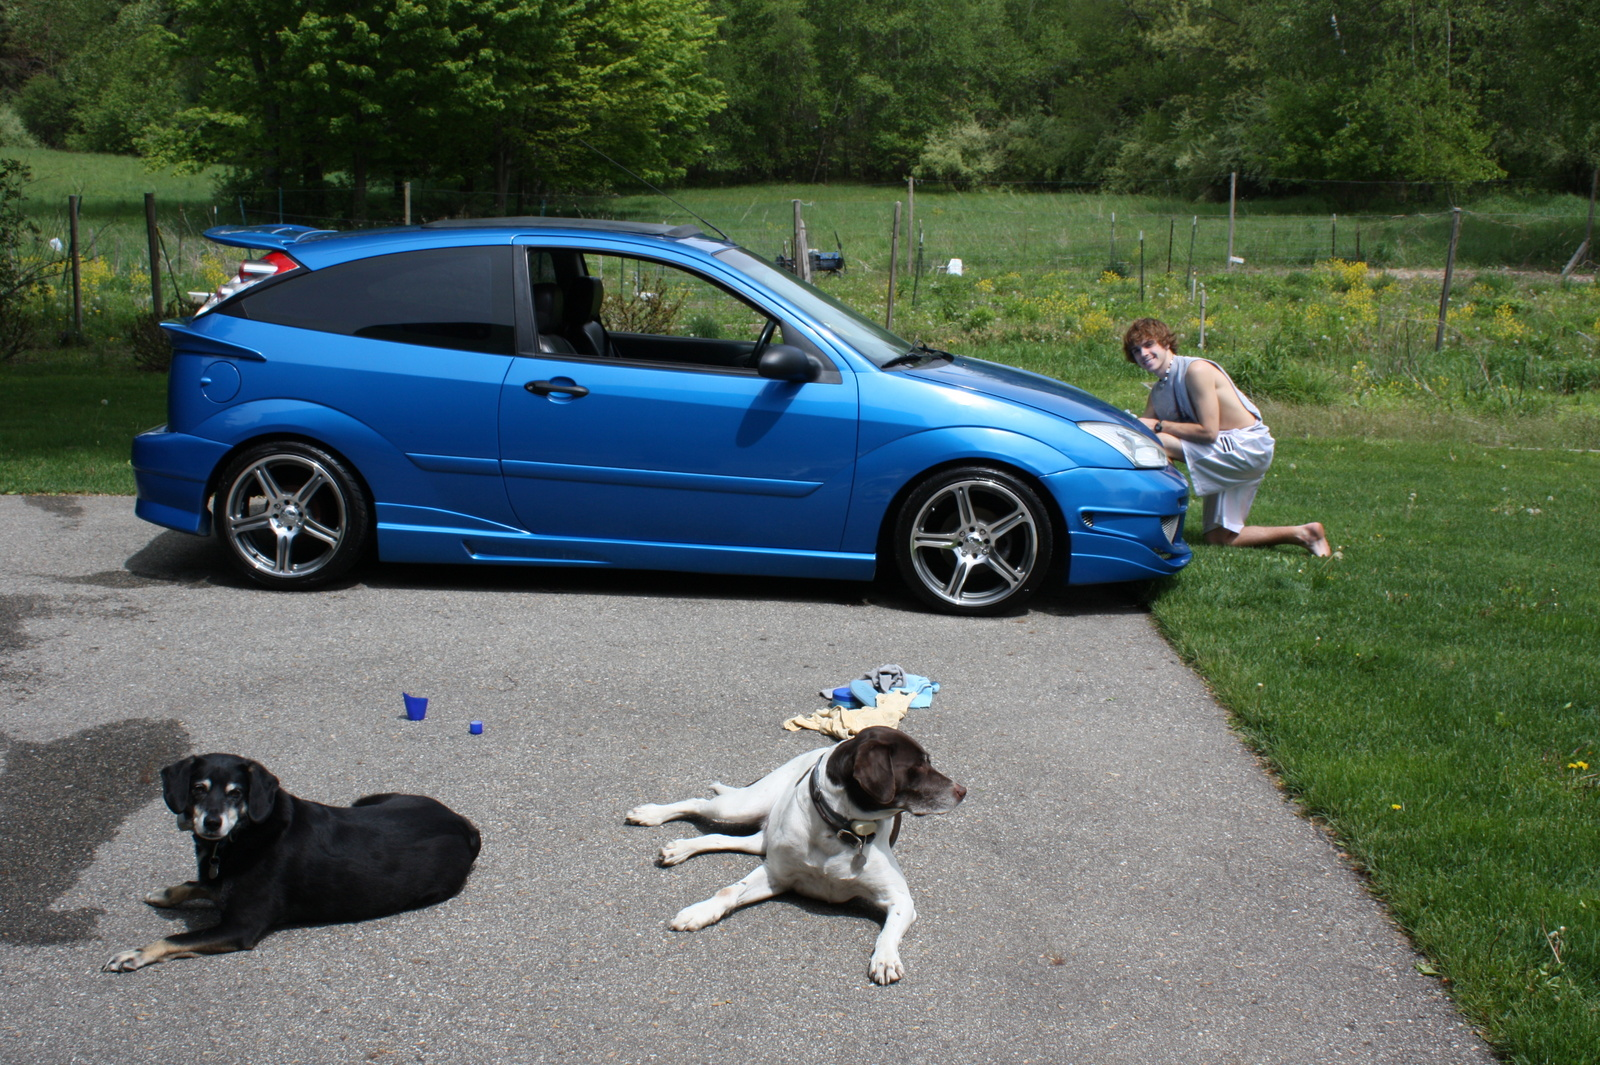 2001 Ford focus recalls suspension